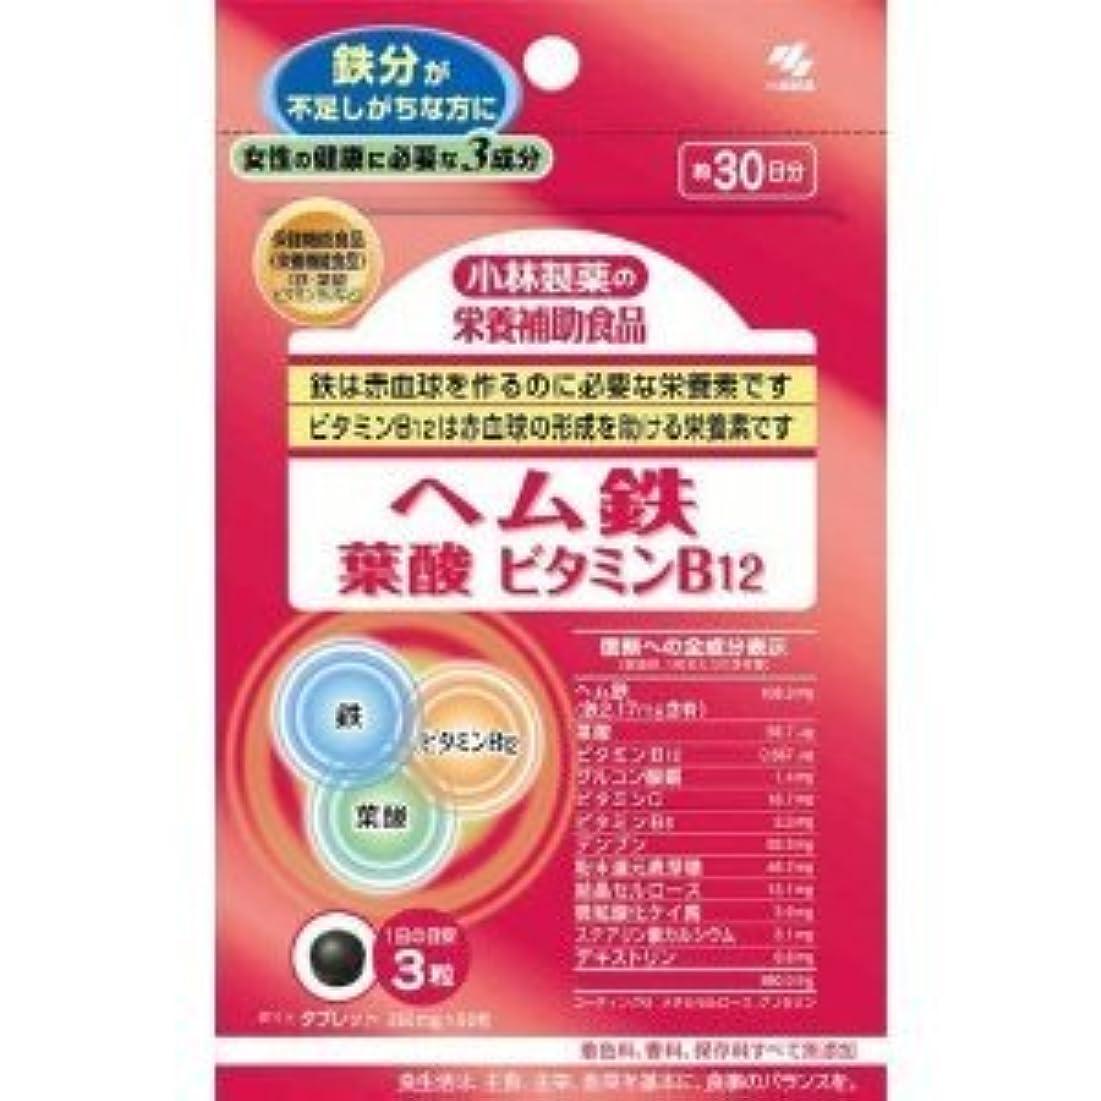 調和泣いているアンソロジー小林製薬の栄養補助食品ヘム鉄葉酸ビタミンB12(90粒)×4個セット